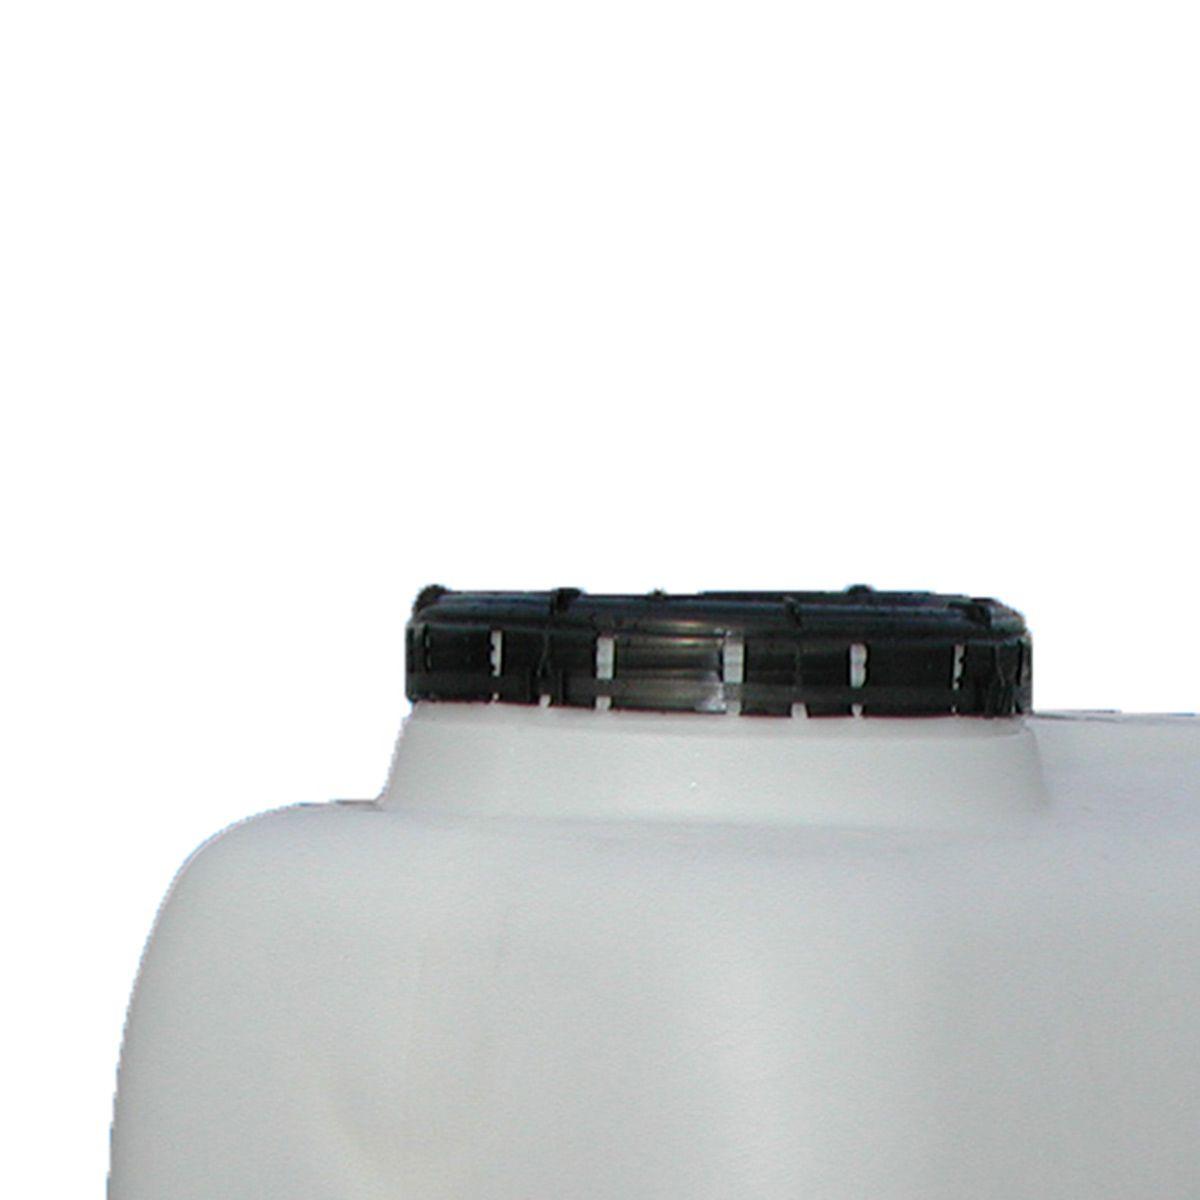 Regard de visite soudé, PEDF-5000 & couvercle de regard, blanc, DN 400